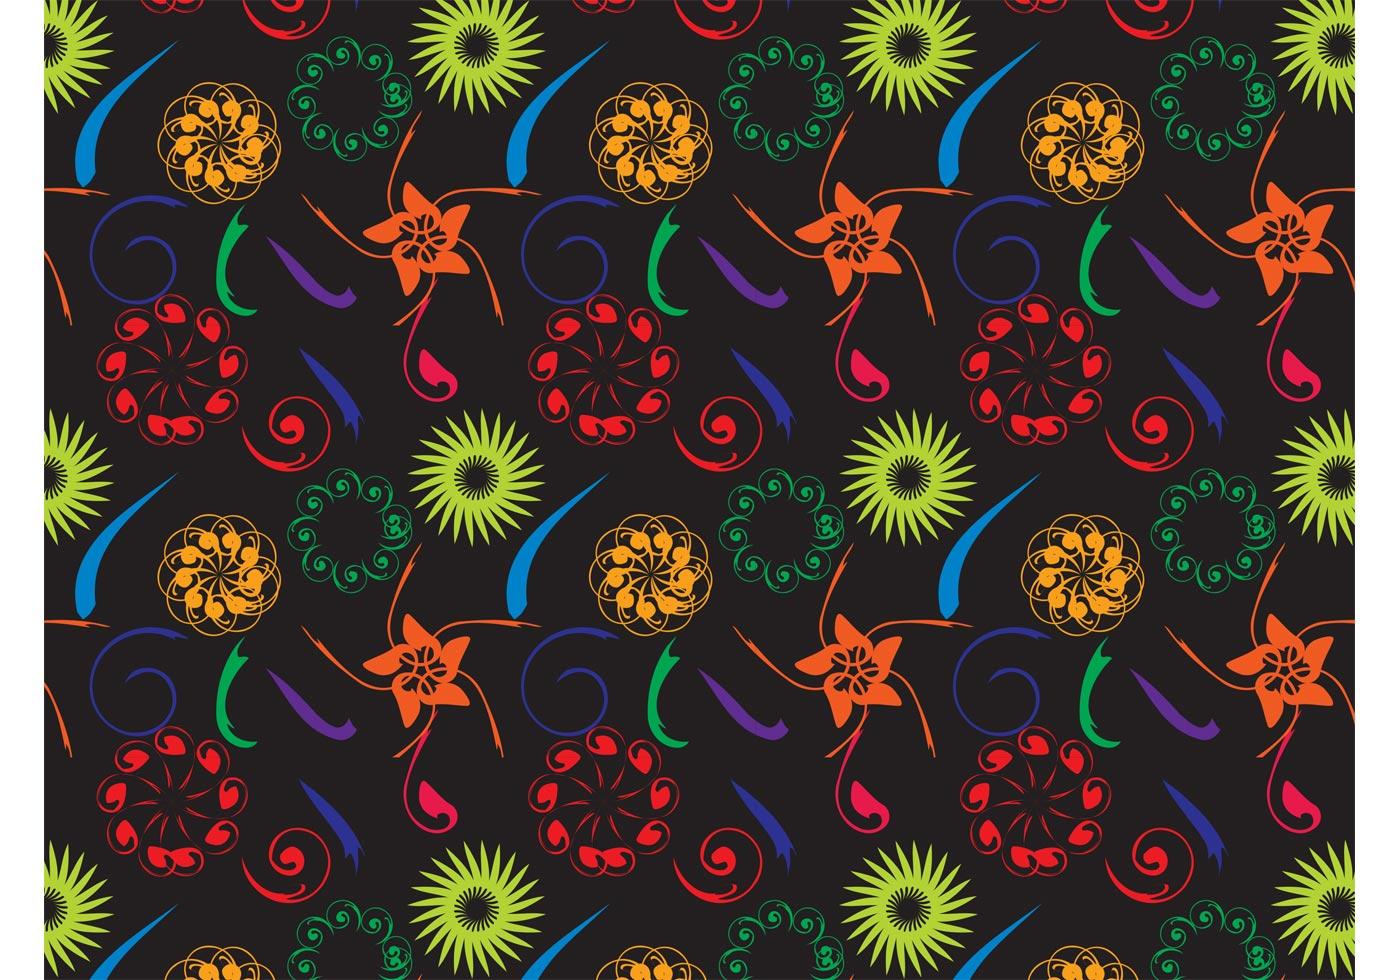 motif de fleurs sombres t l chargez de l 39 art des graphiques et des images vectoriels gratuits. Black Bedroom Furniture Sets. Home Design Ideas